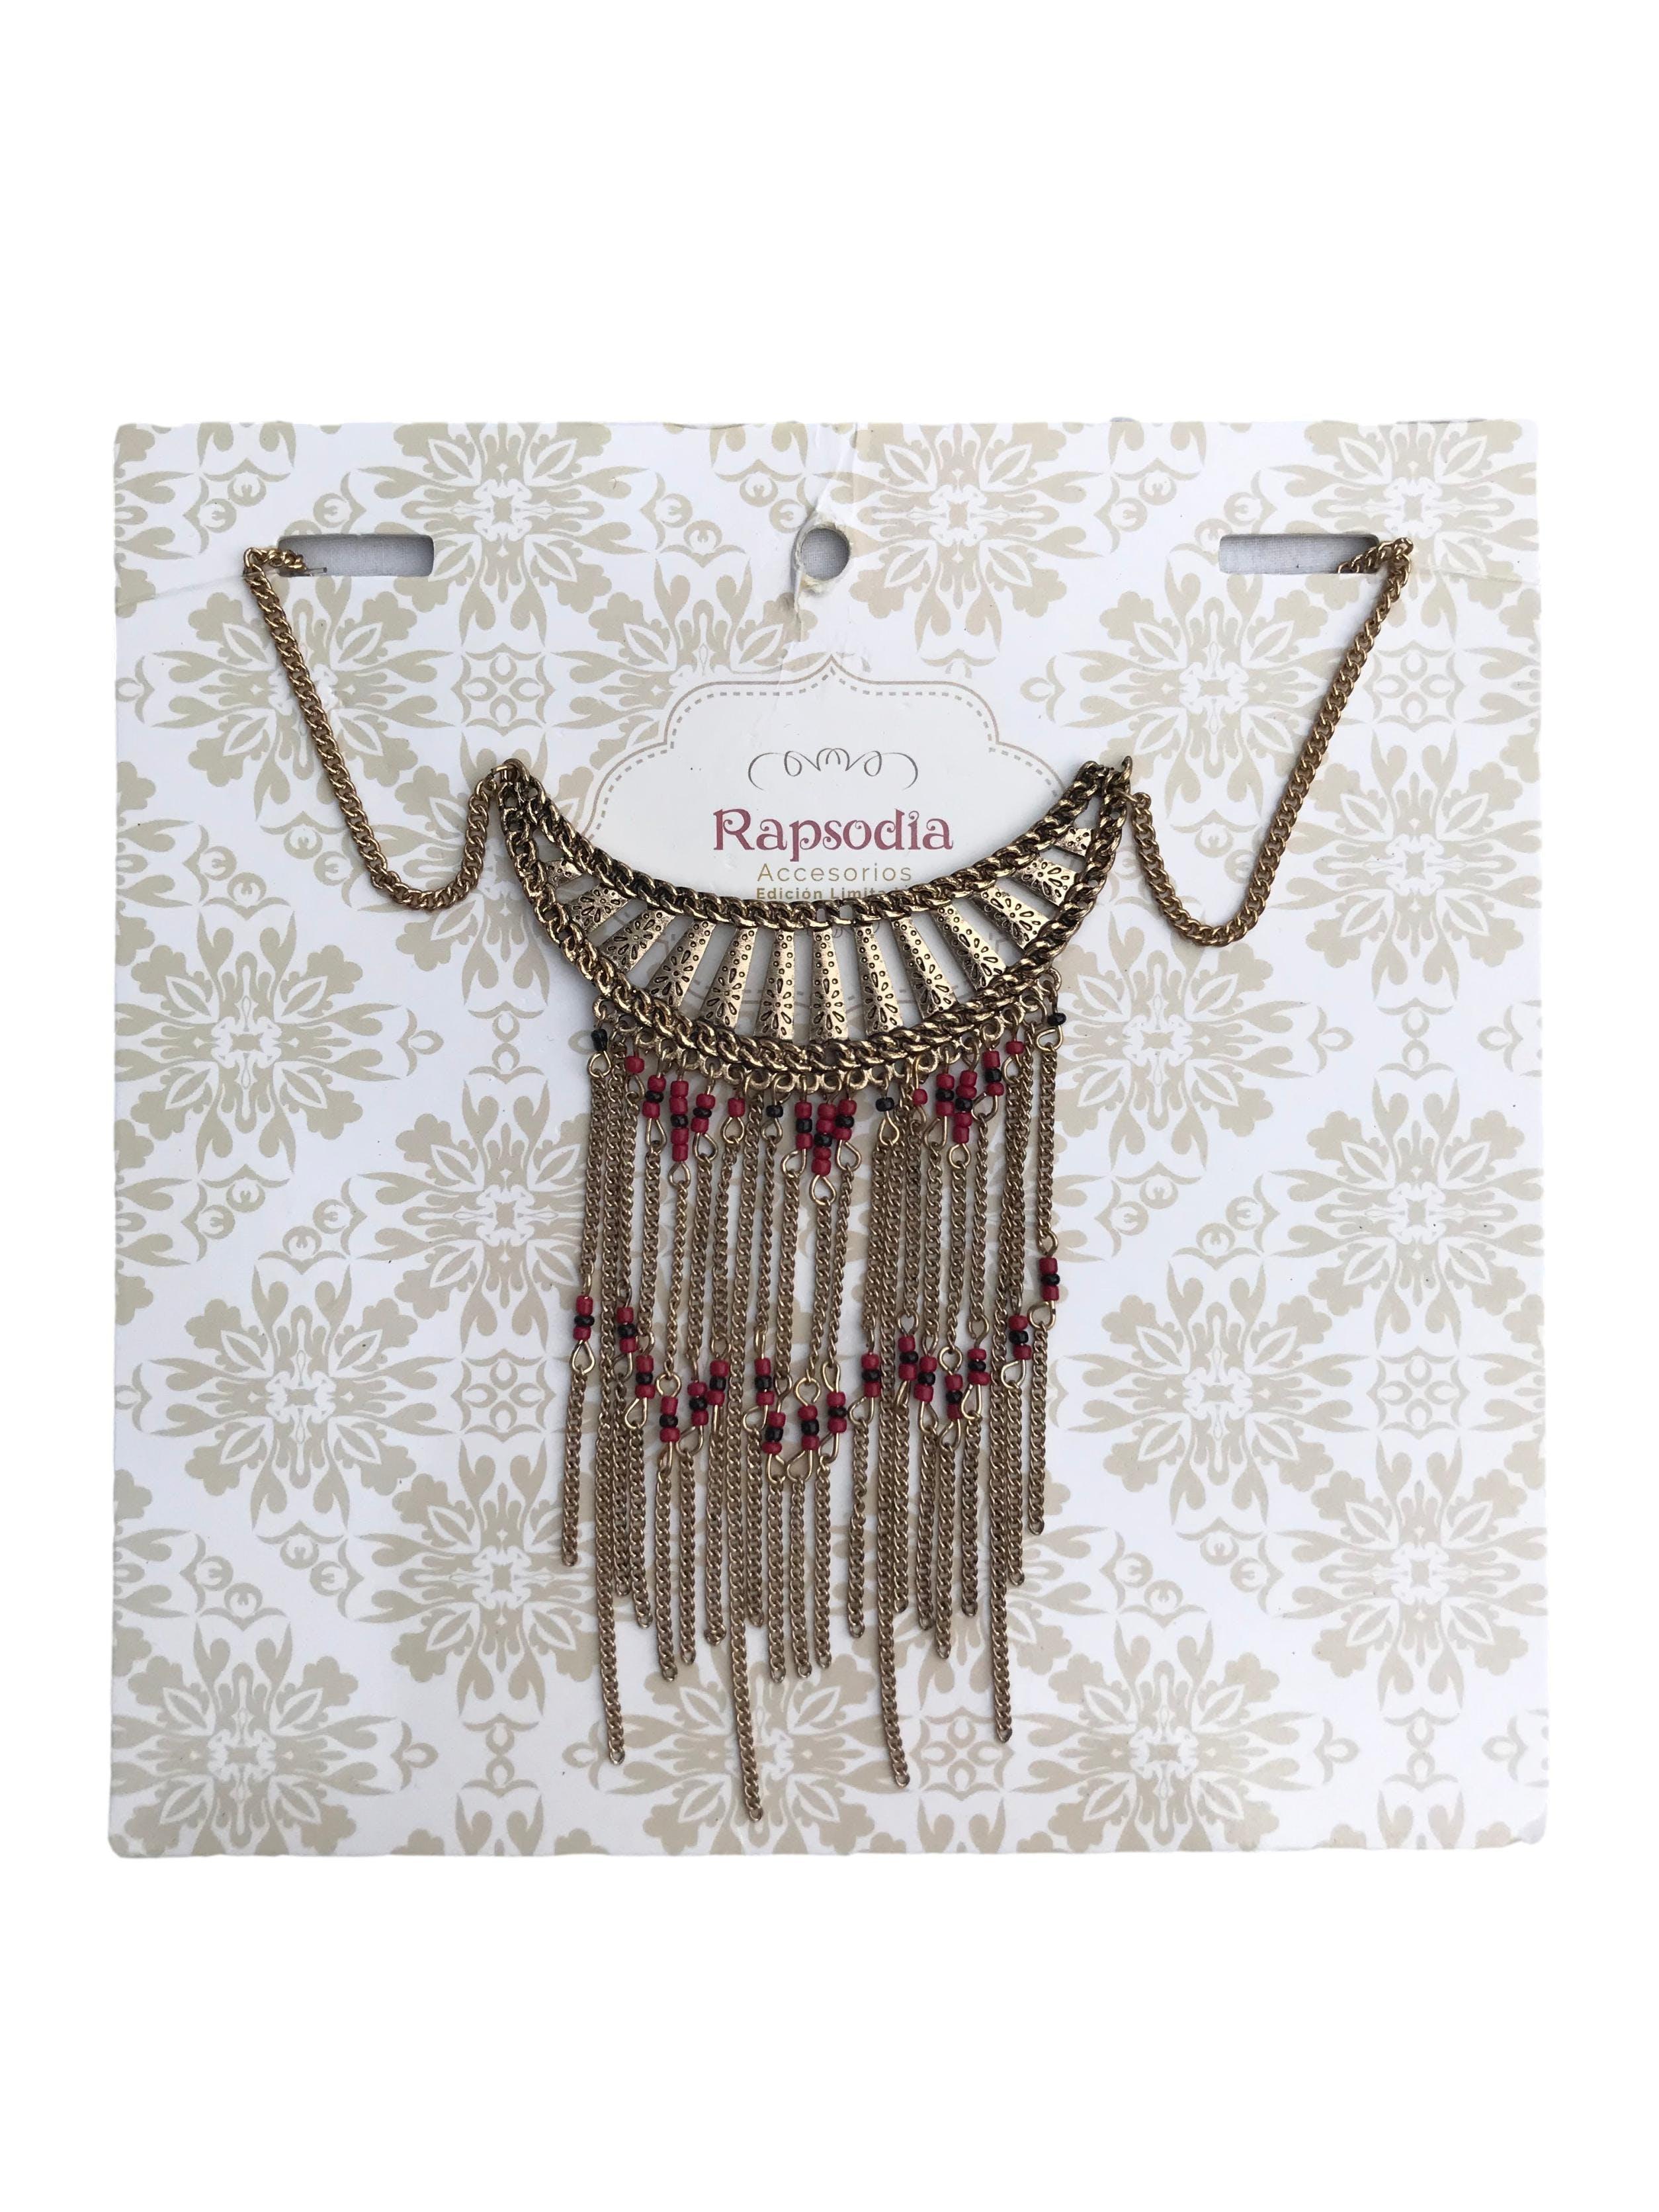 Collar cadena dorada con placa y cadenitas colgantes. Largo 45cm. Nuevo con etiqueta, precio original S/ 29.9